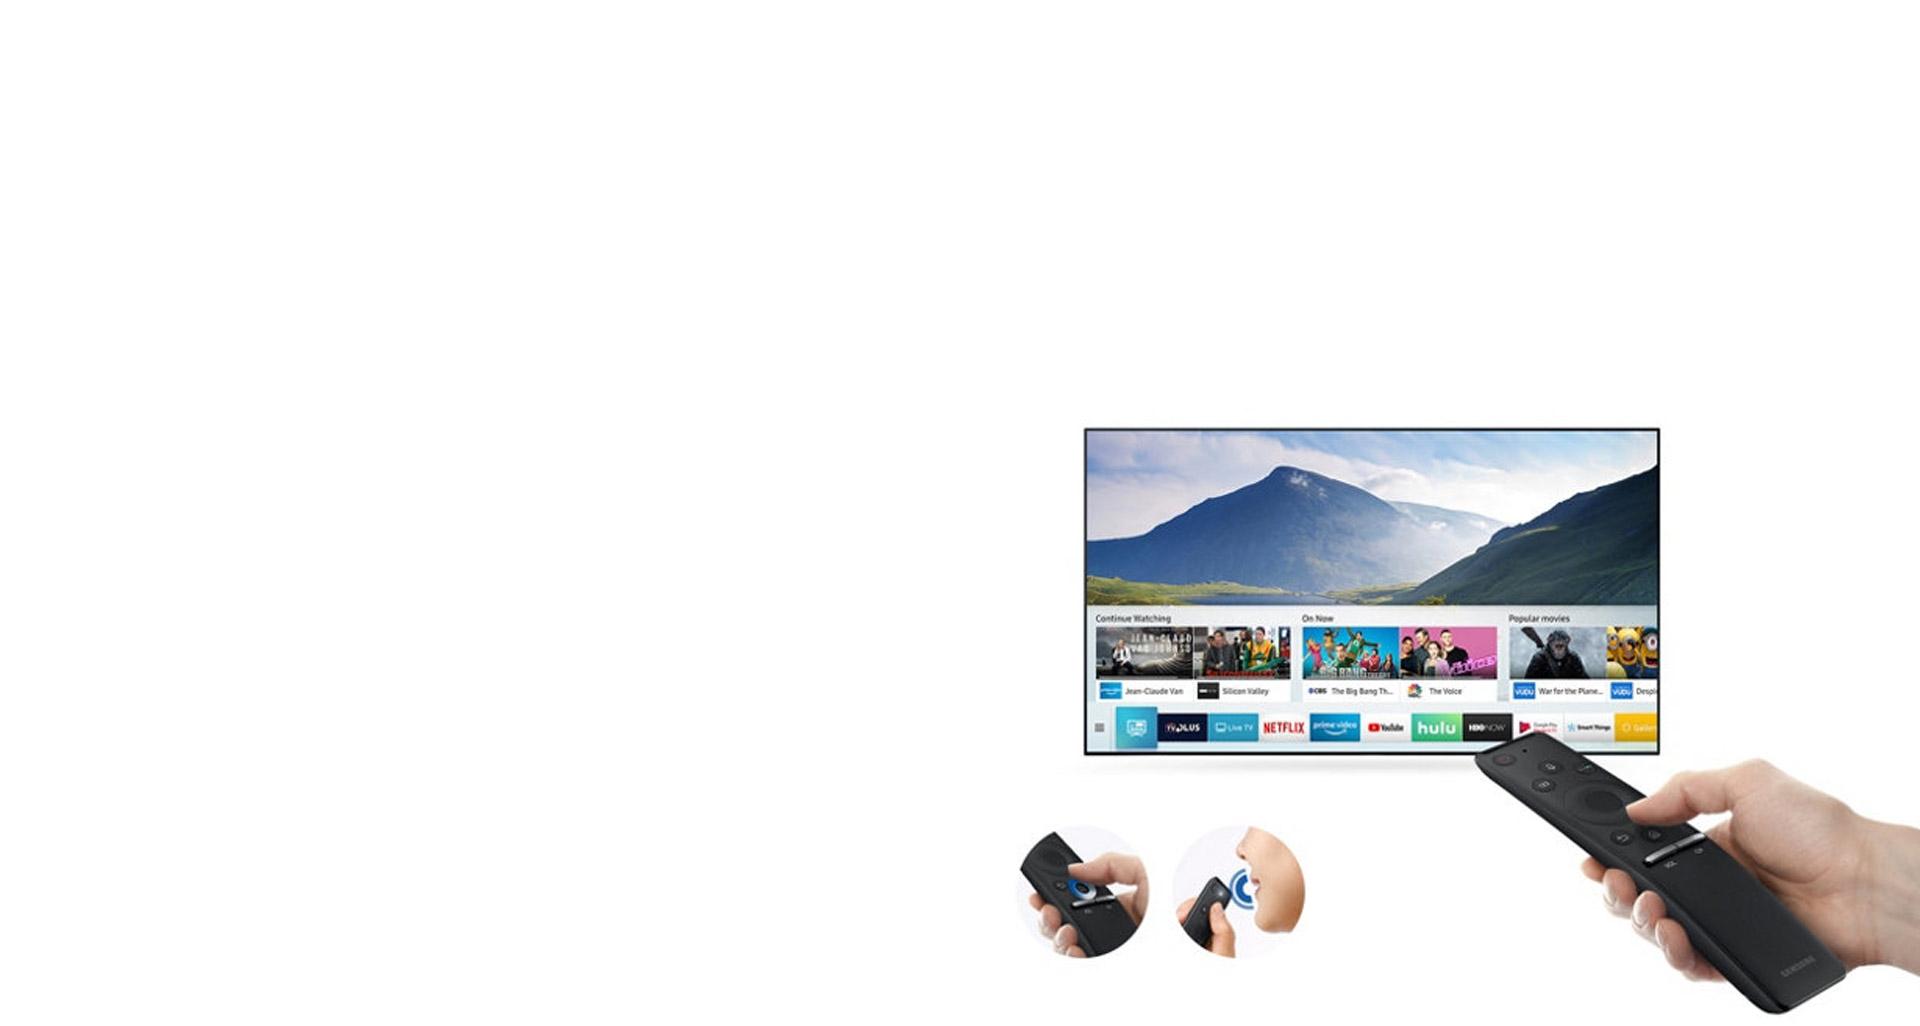 کنترل حرفه ای تلویزیون NU8 با OneRemote